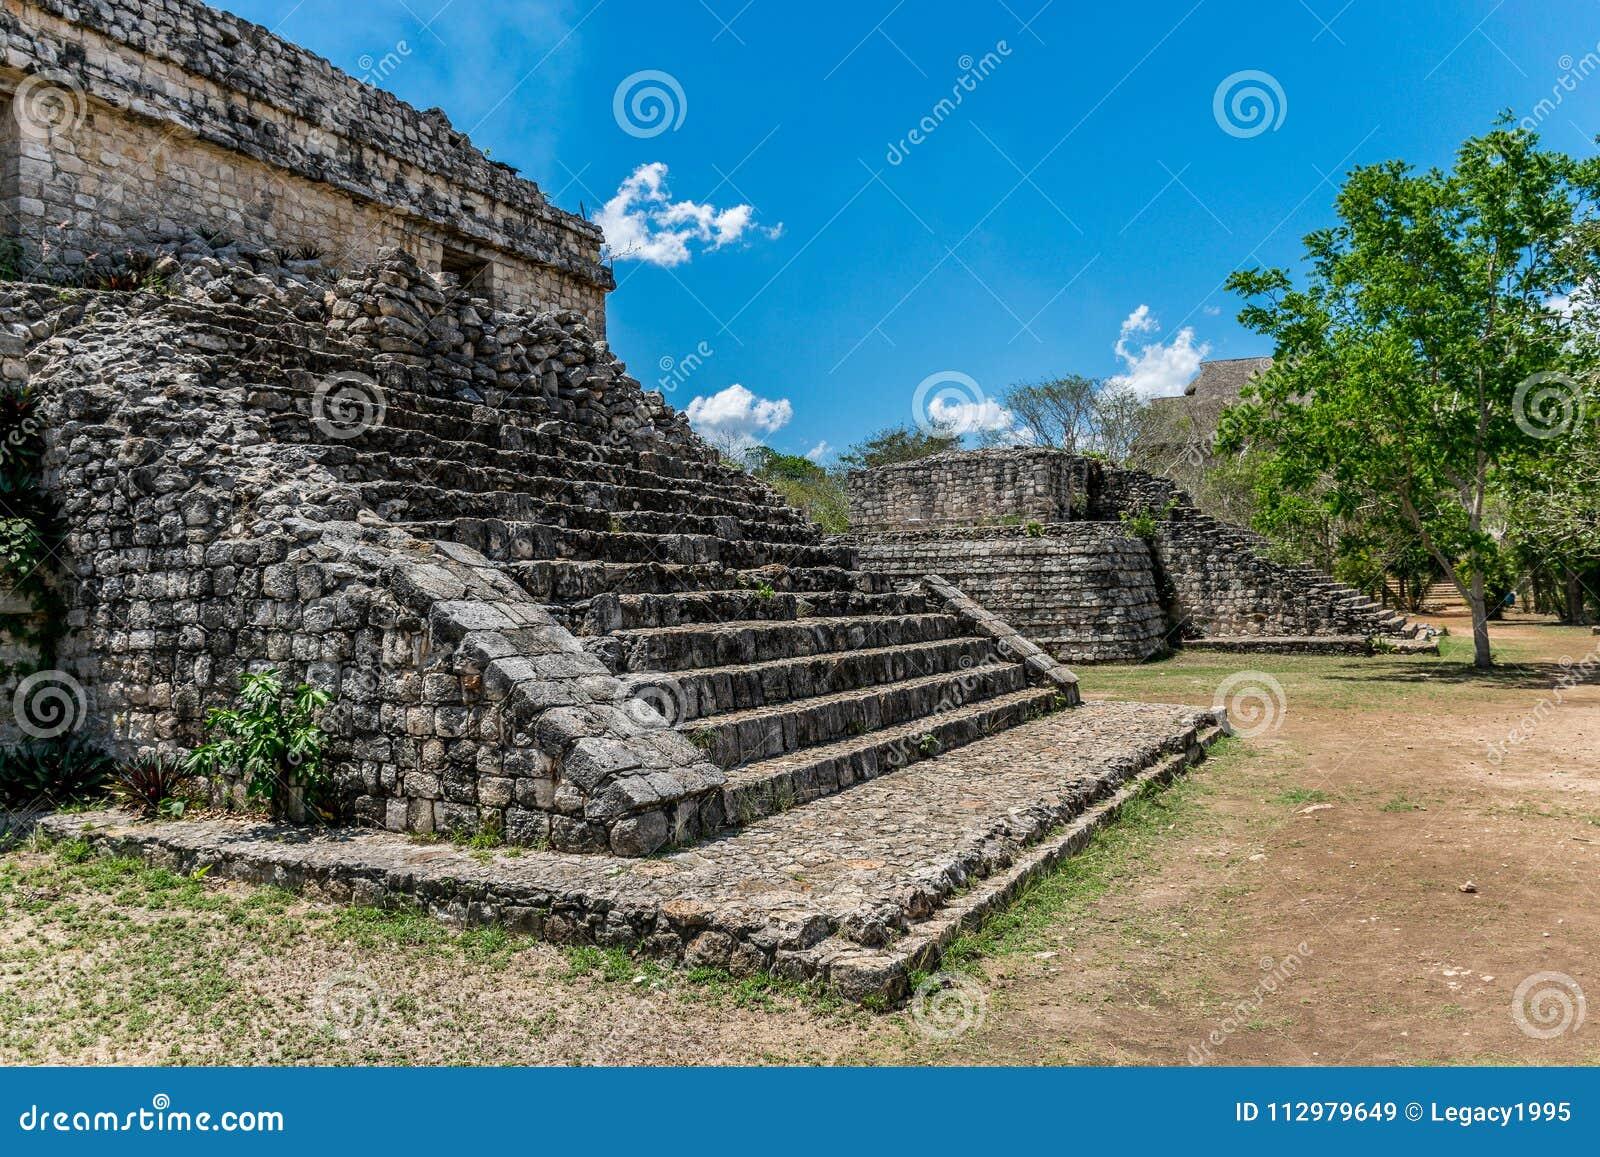 Ek Balam Mayan Acropolis, Temples, and Ruins